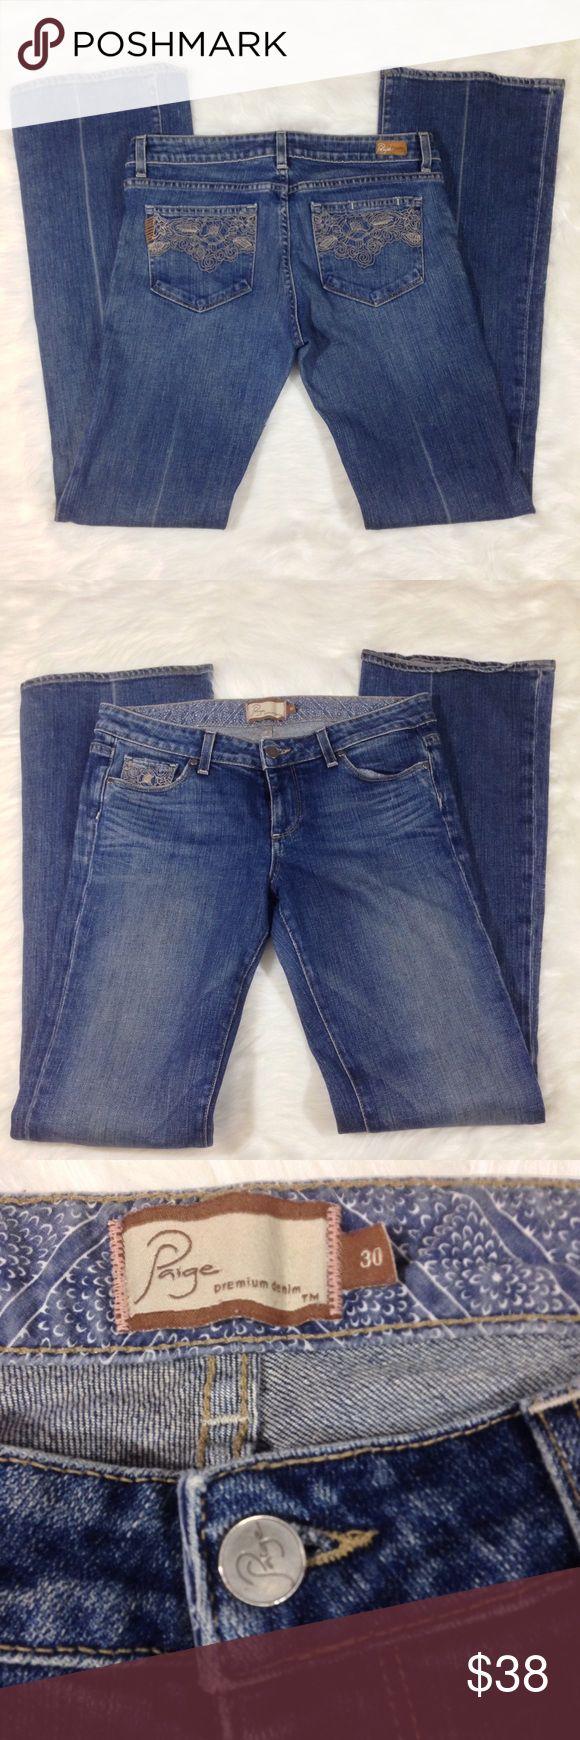 """Paige premium denim laurel canyon jeans Paige denim laurel canyon embroidered pockets jeans size 30. Waist 30"""", inseam 32"""" Paige Jeans Jeans Flare & Wide Leg"""